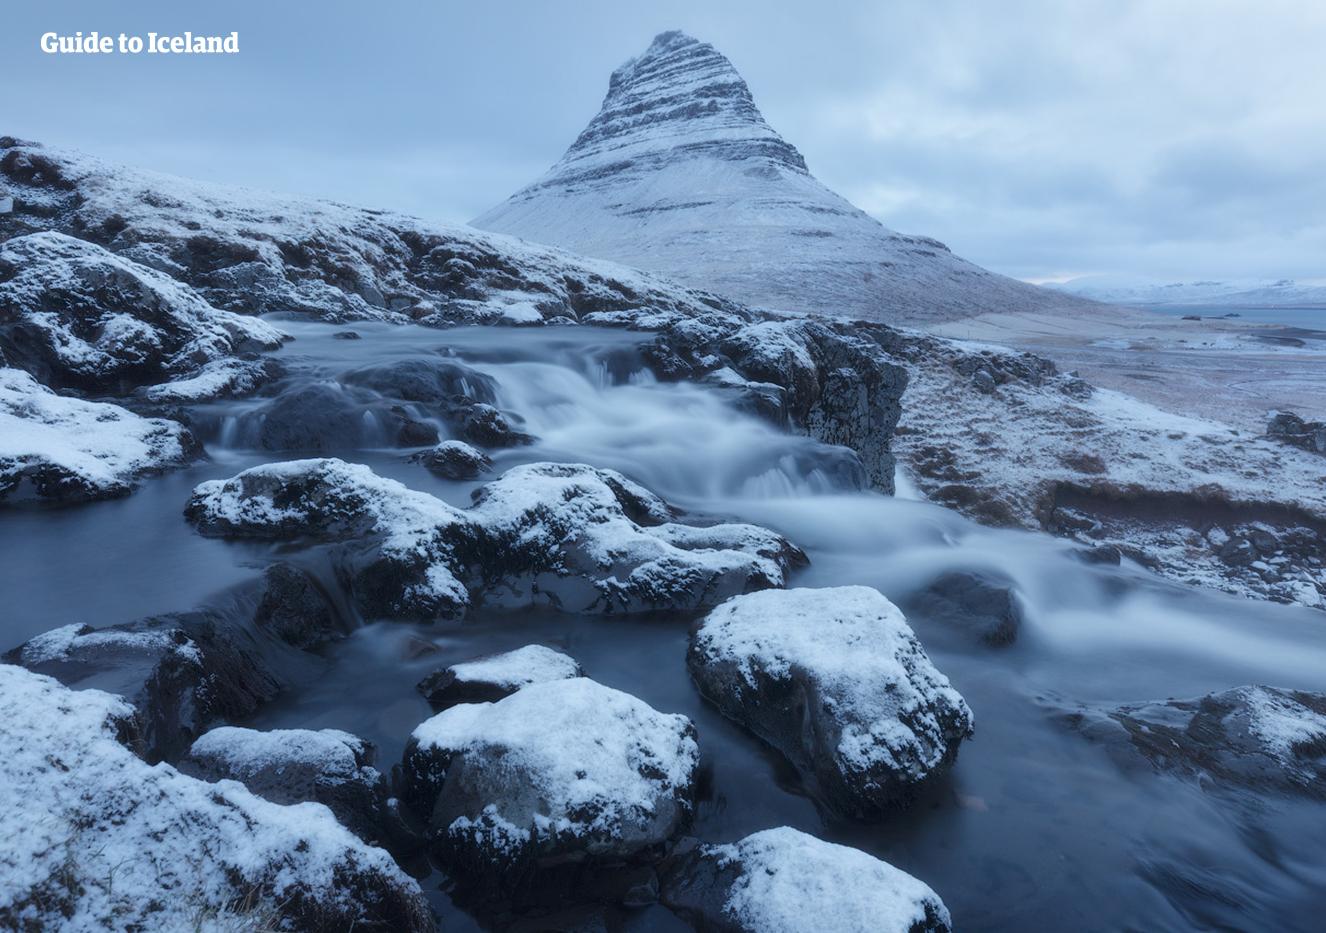 Si bien los Fiordos del Este y las Tierras Altas son difíciles de conducir en invierno, los sitios de la península de Snæfellsnes, como el monte Kirkjufell, son fáciles de acceder.